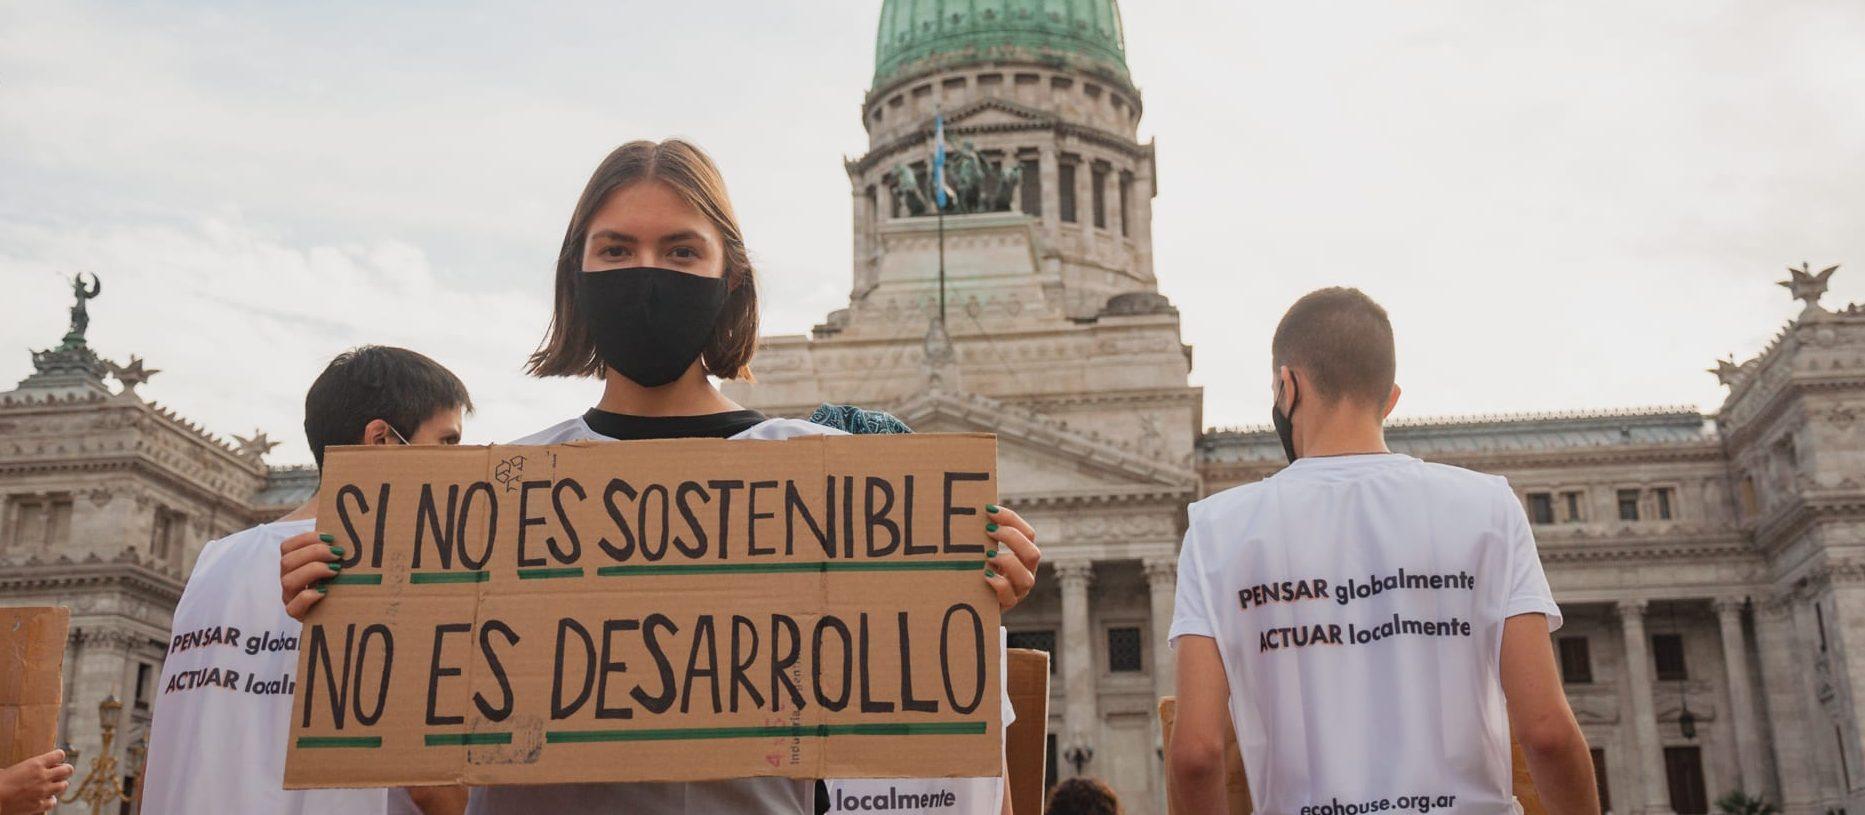 Por qué es importante la Educación Ambiental y qué implica la ley que se aprobó